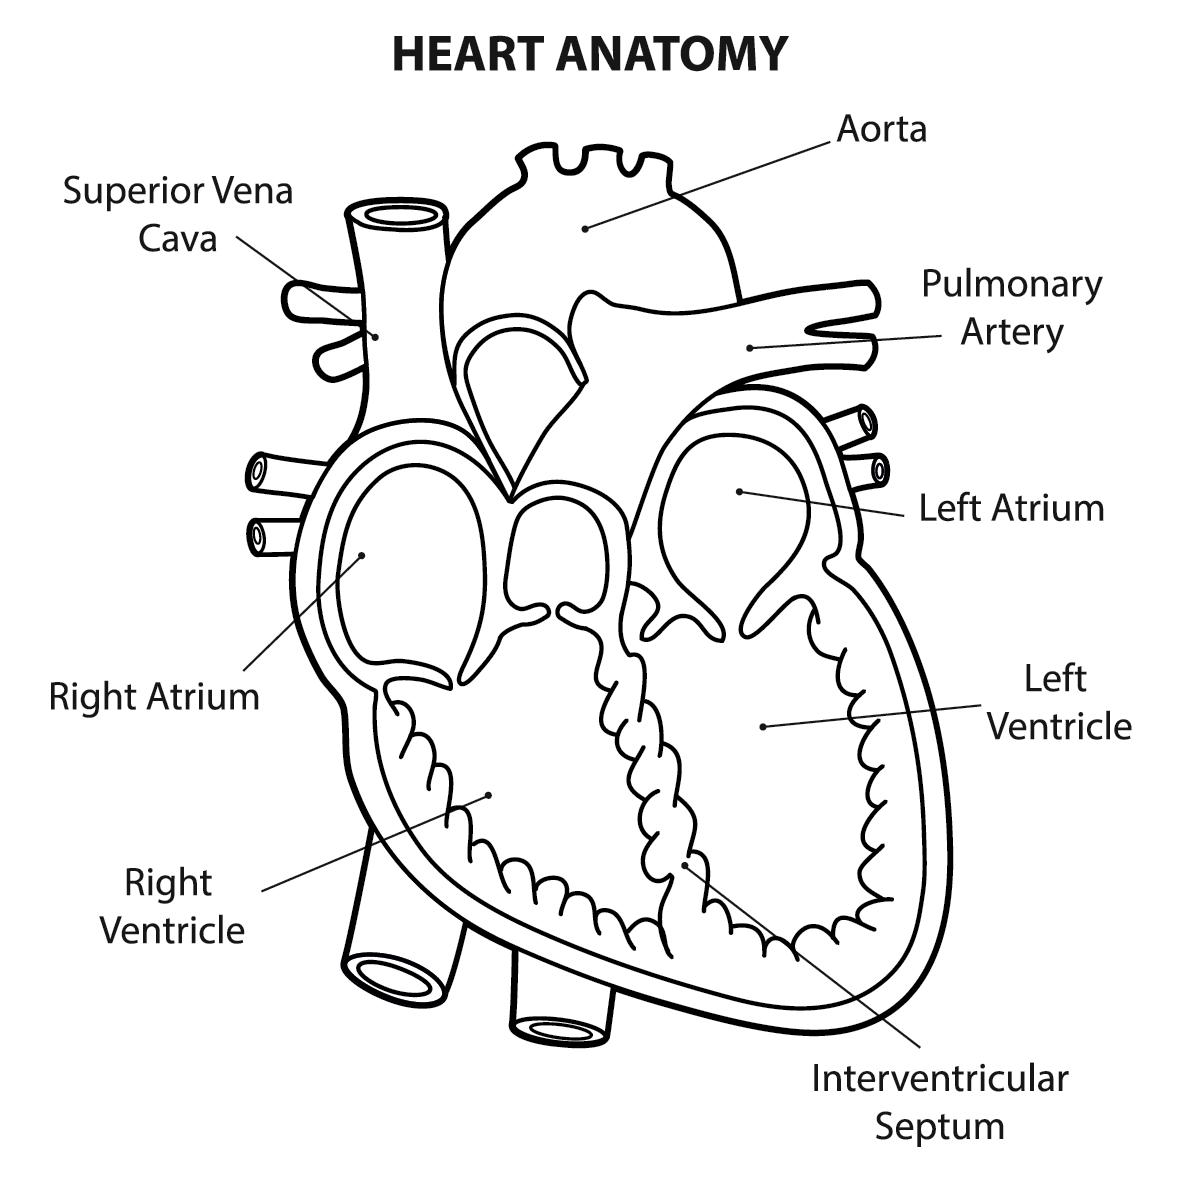 Human Heart Drawing Images At Getdrawings